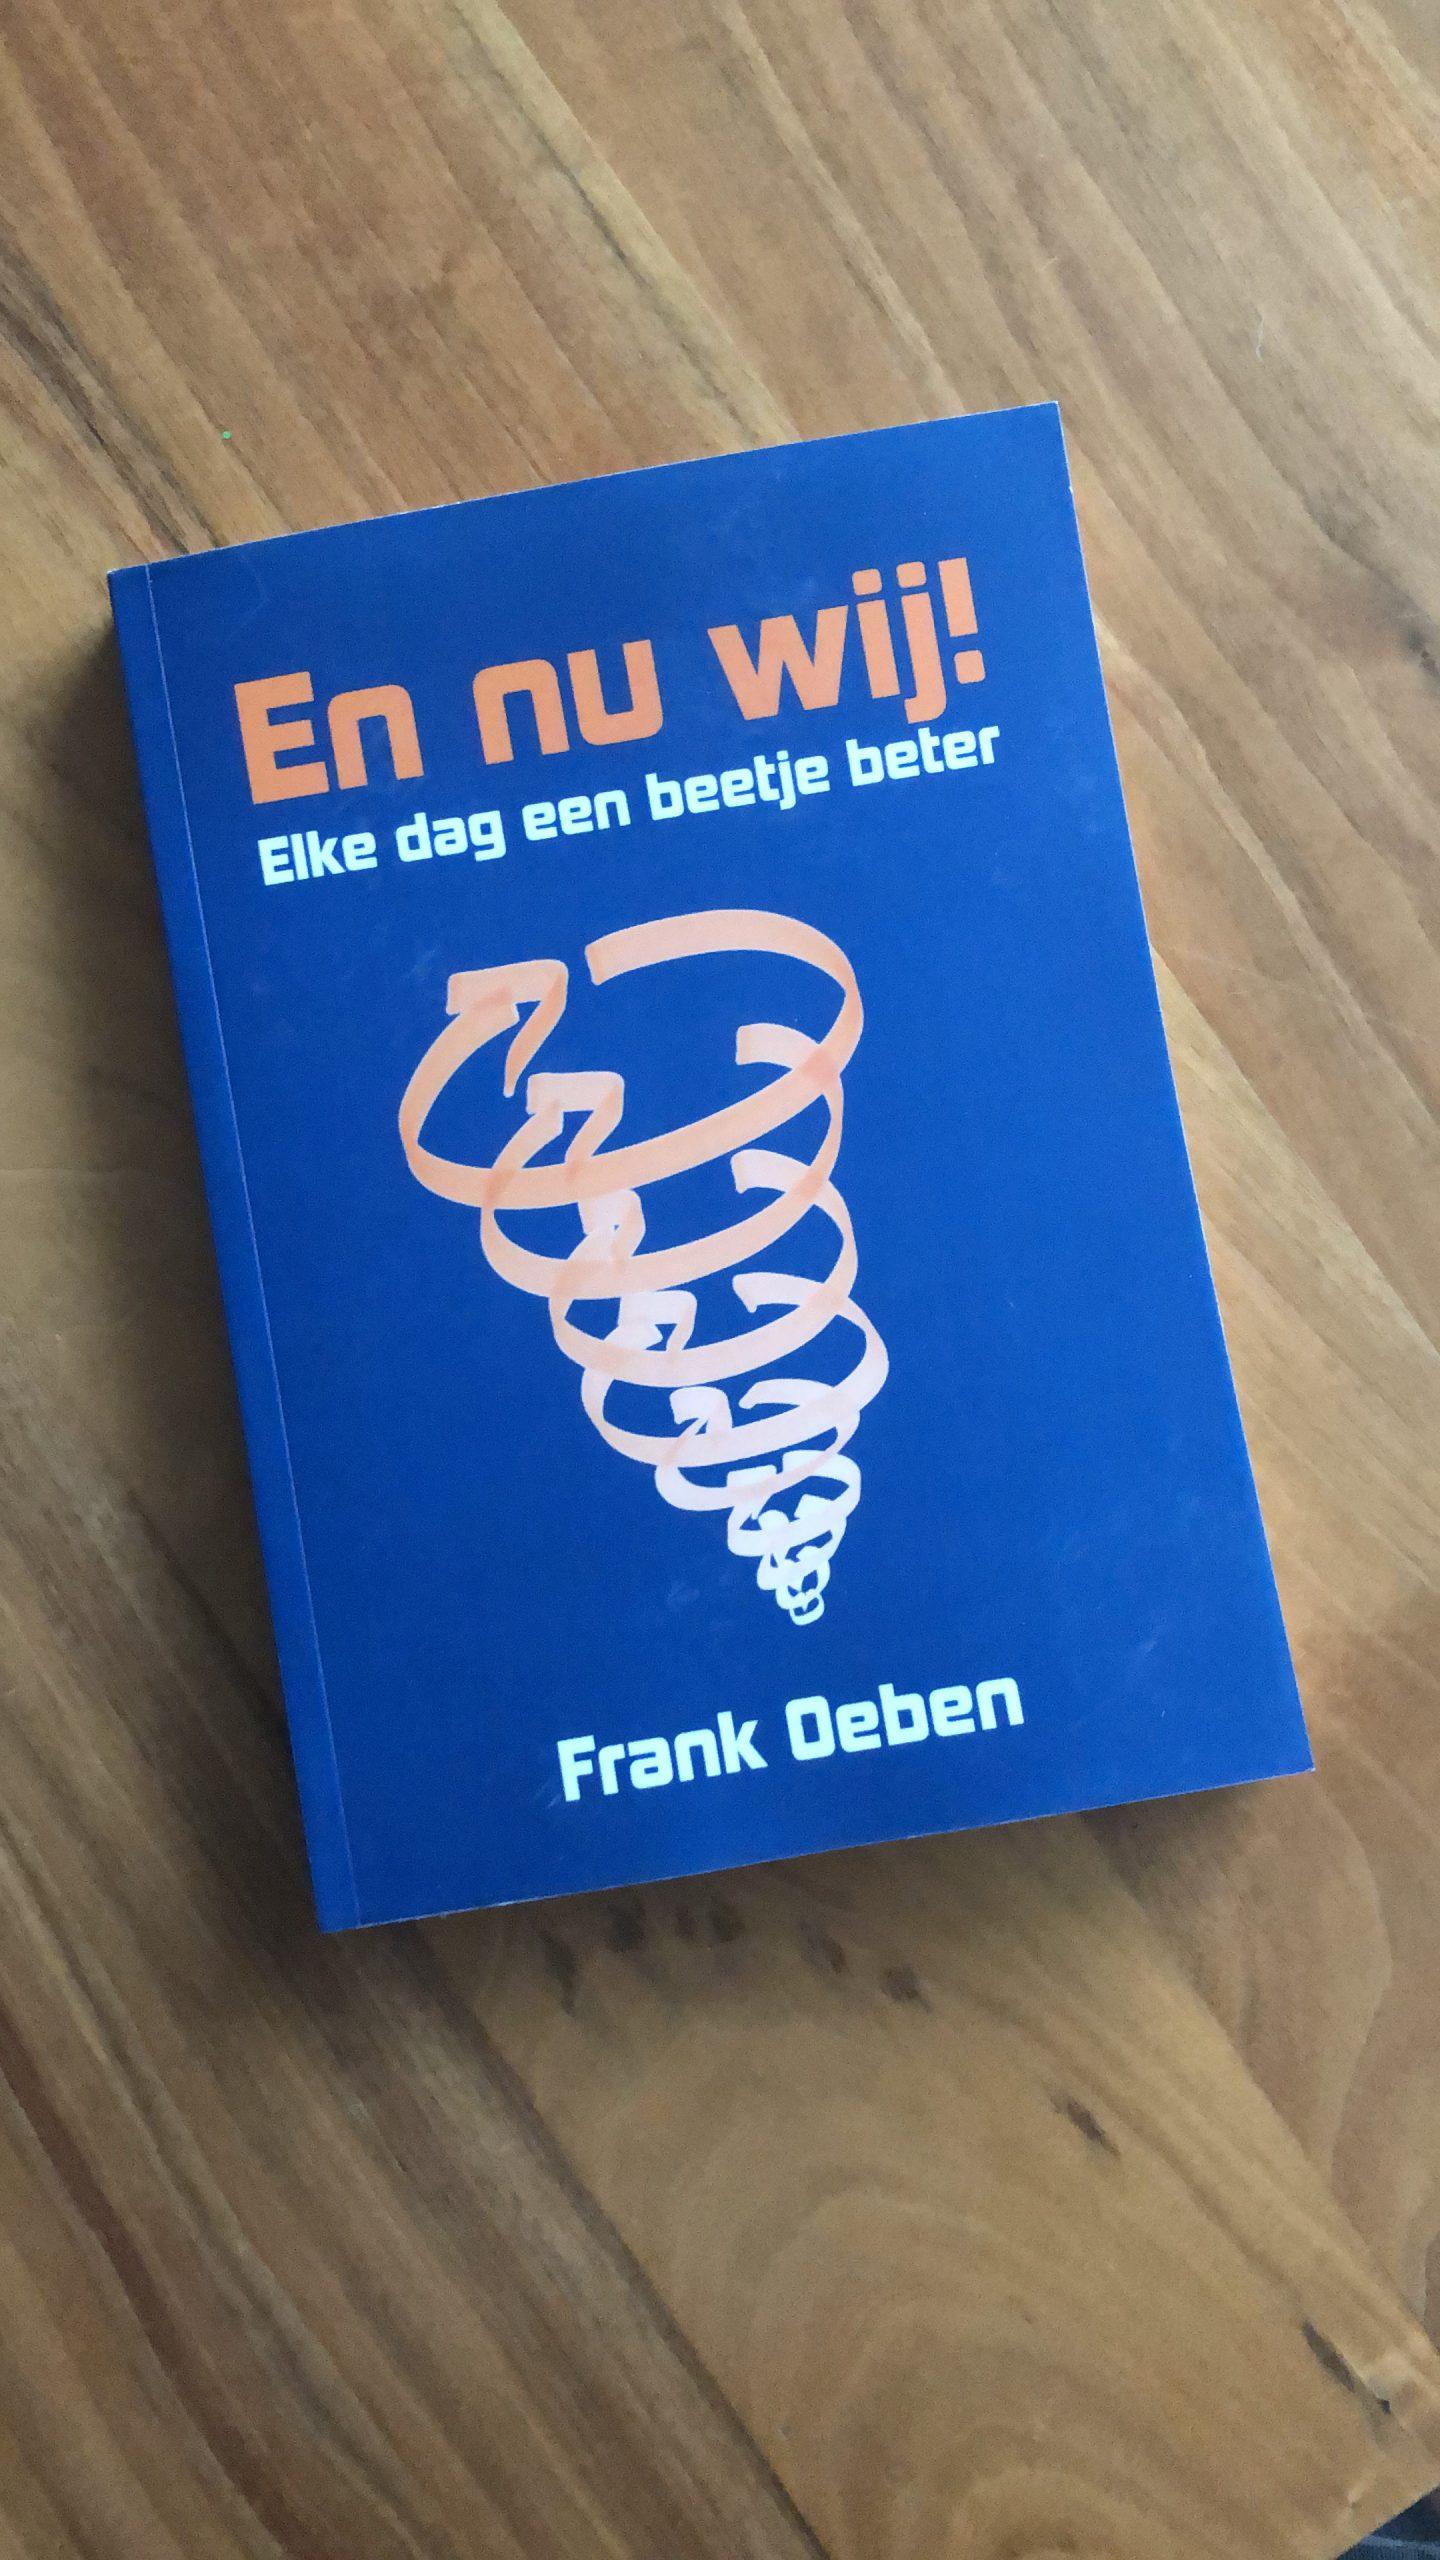 En nu wij! – het boek